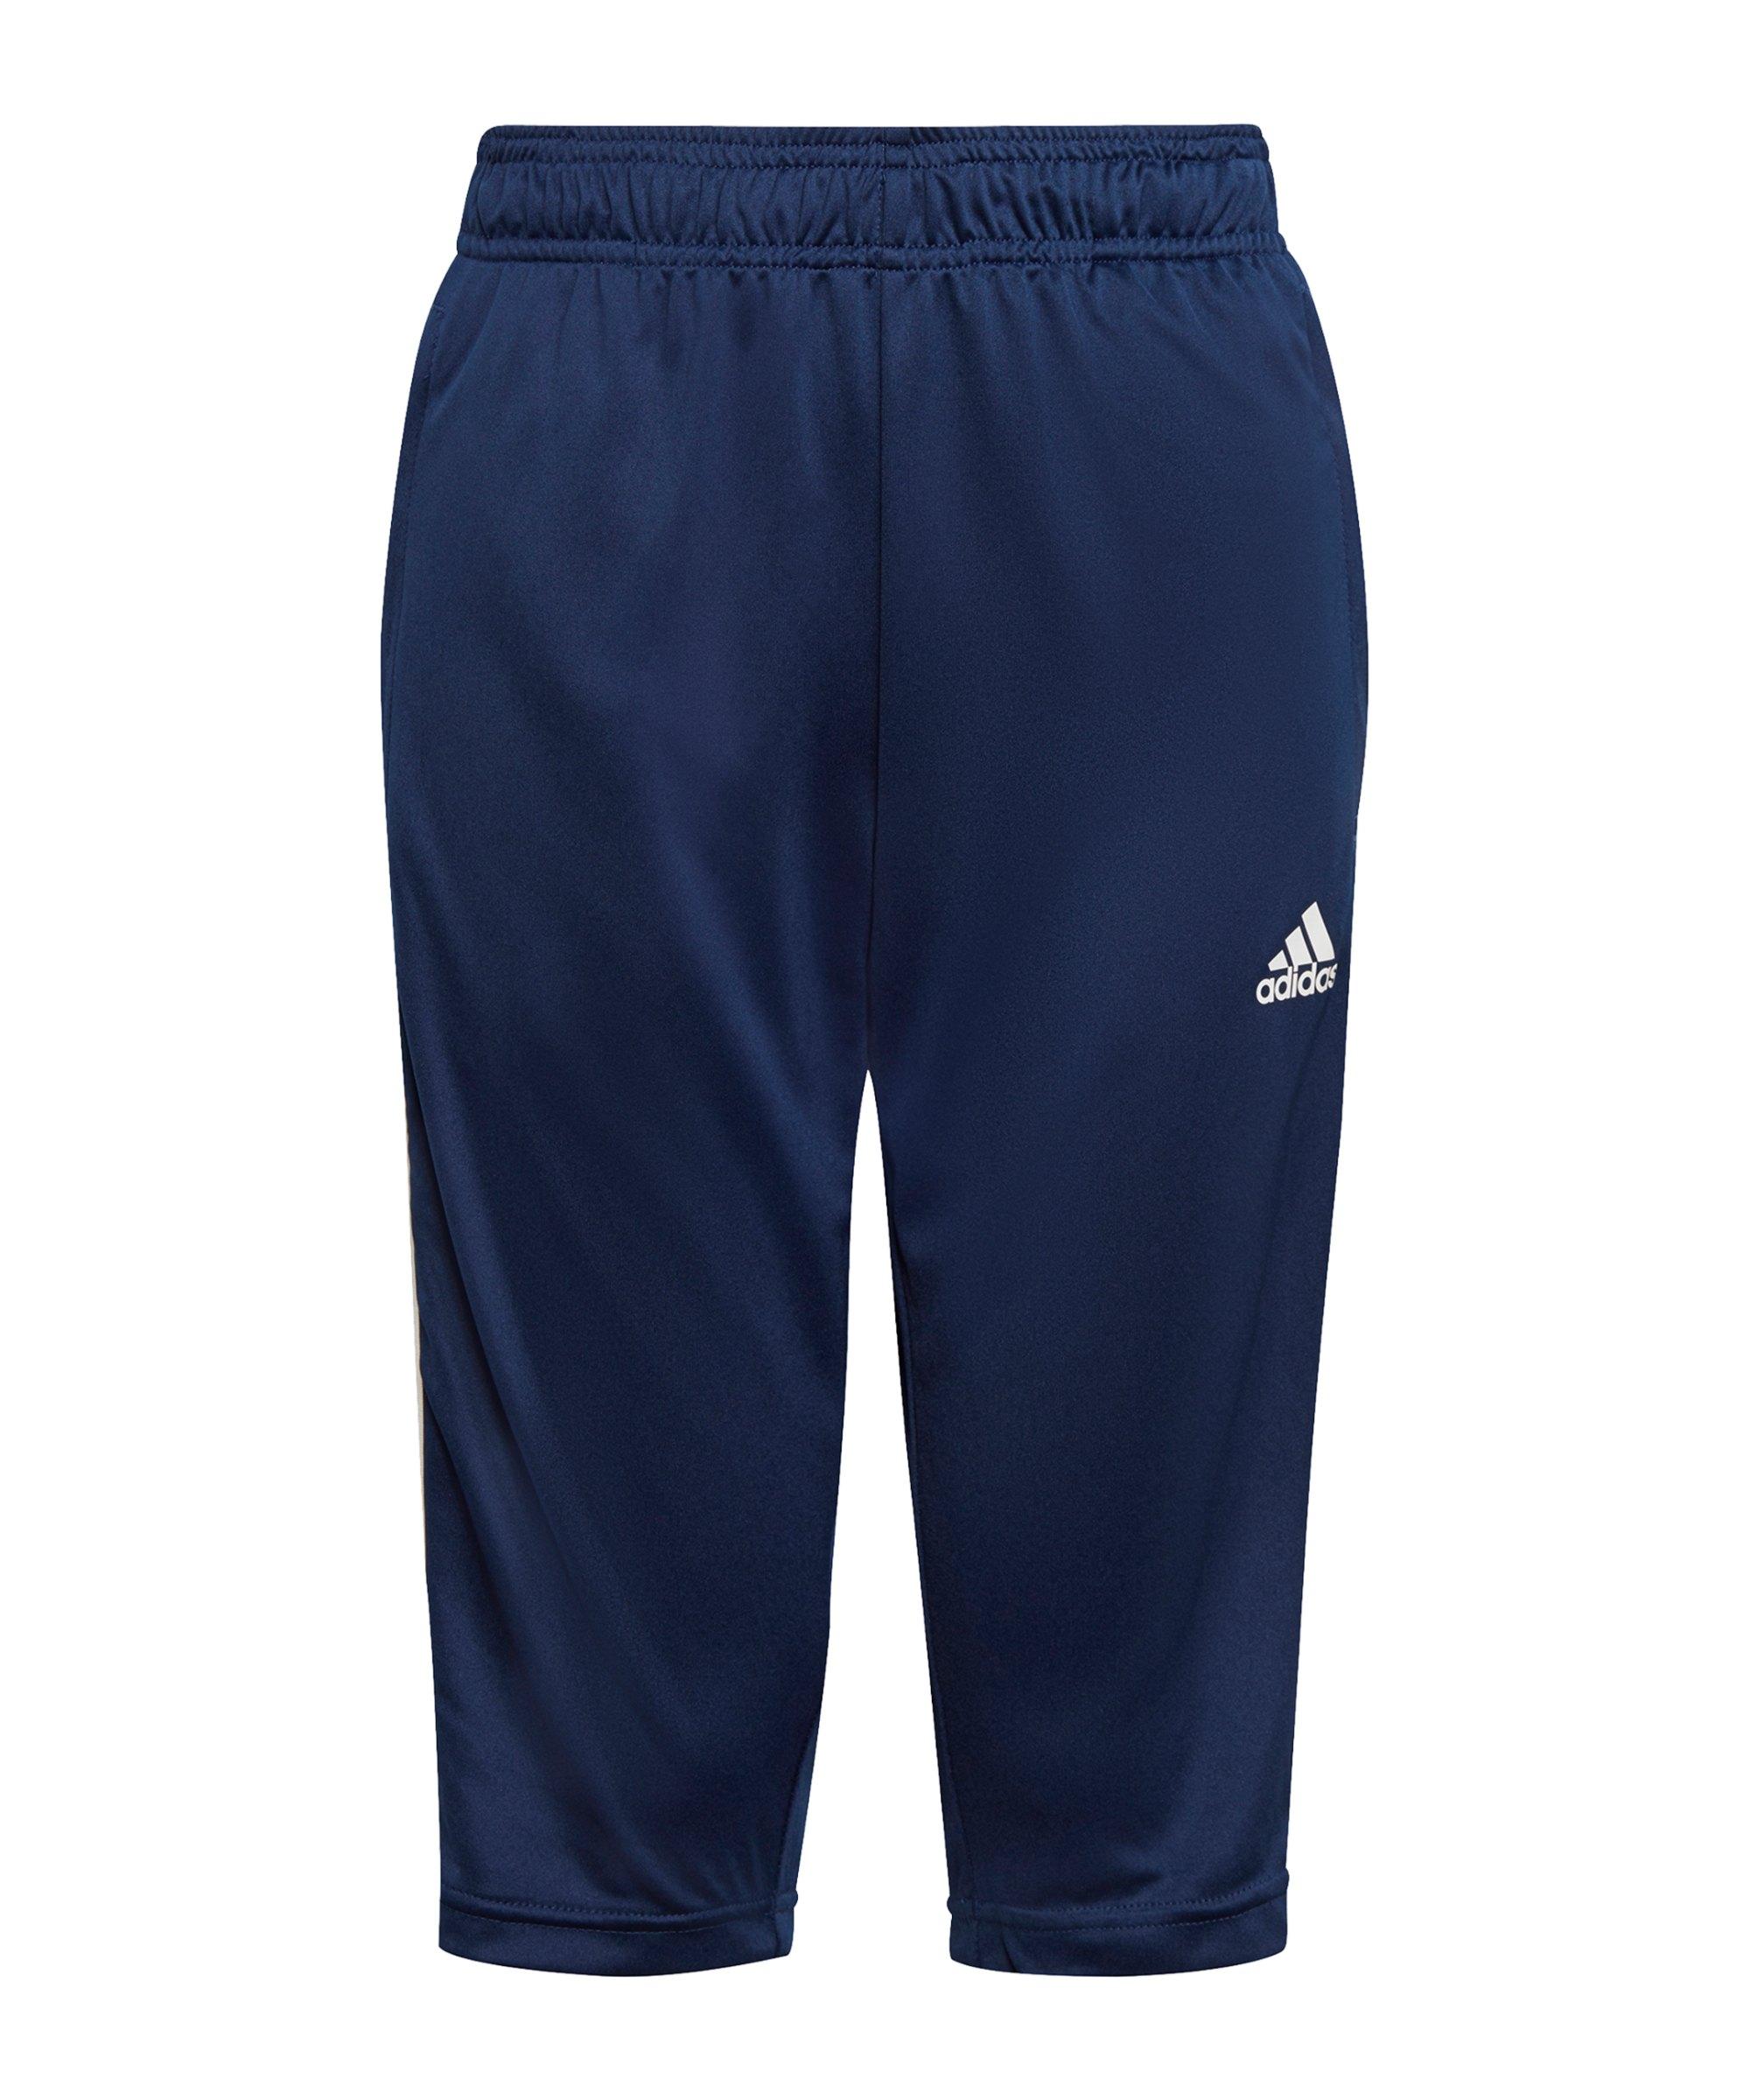 adidas Tiro 21 3/4 Trainingshose Kids Dunkelblau - blau